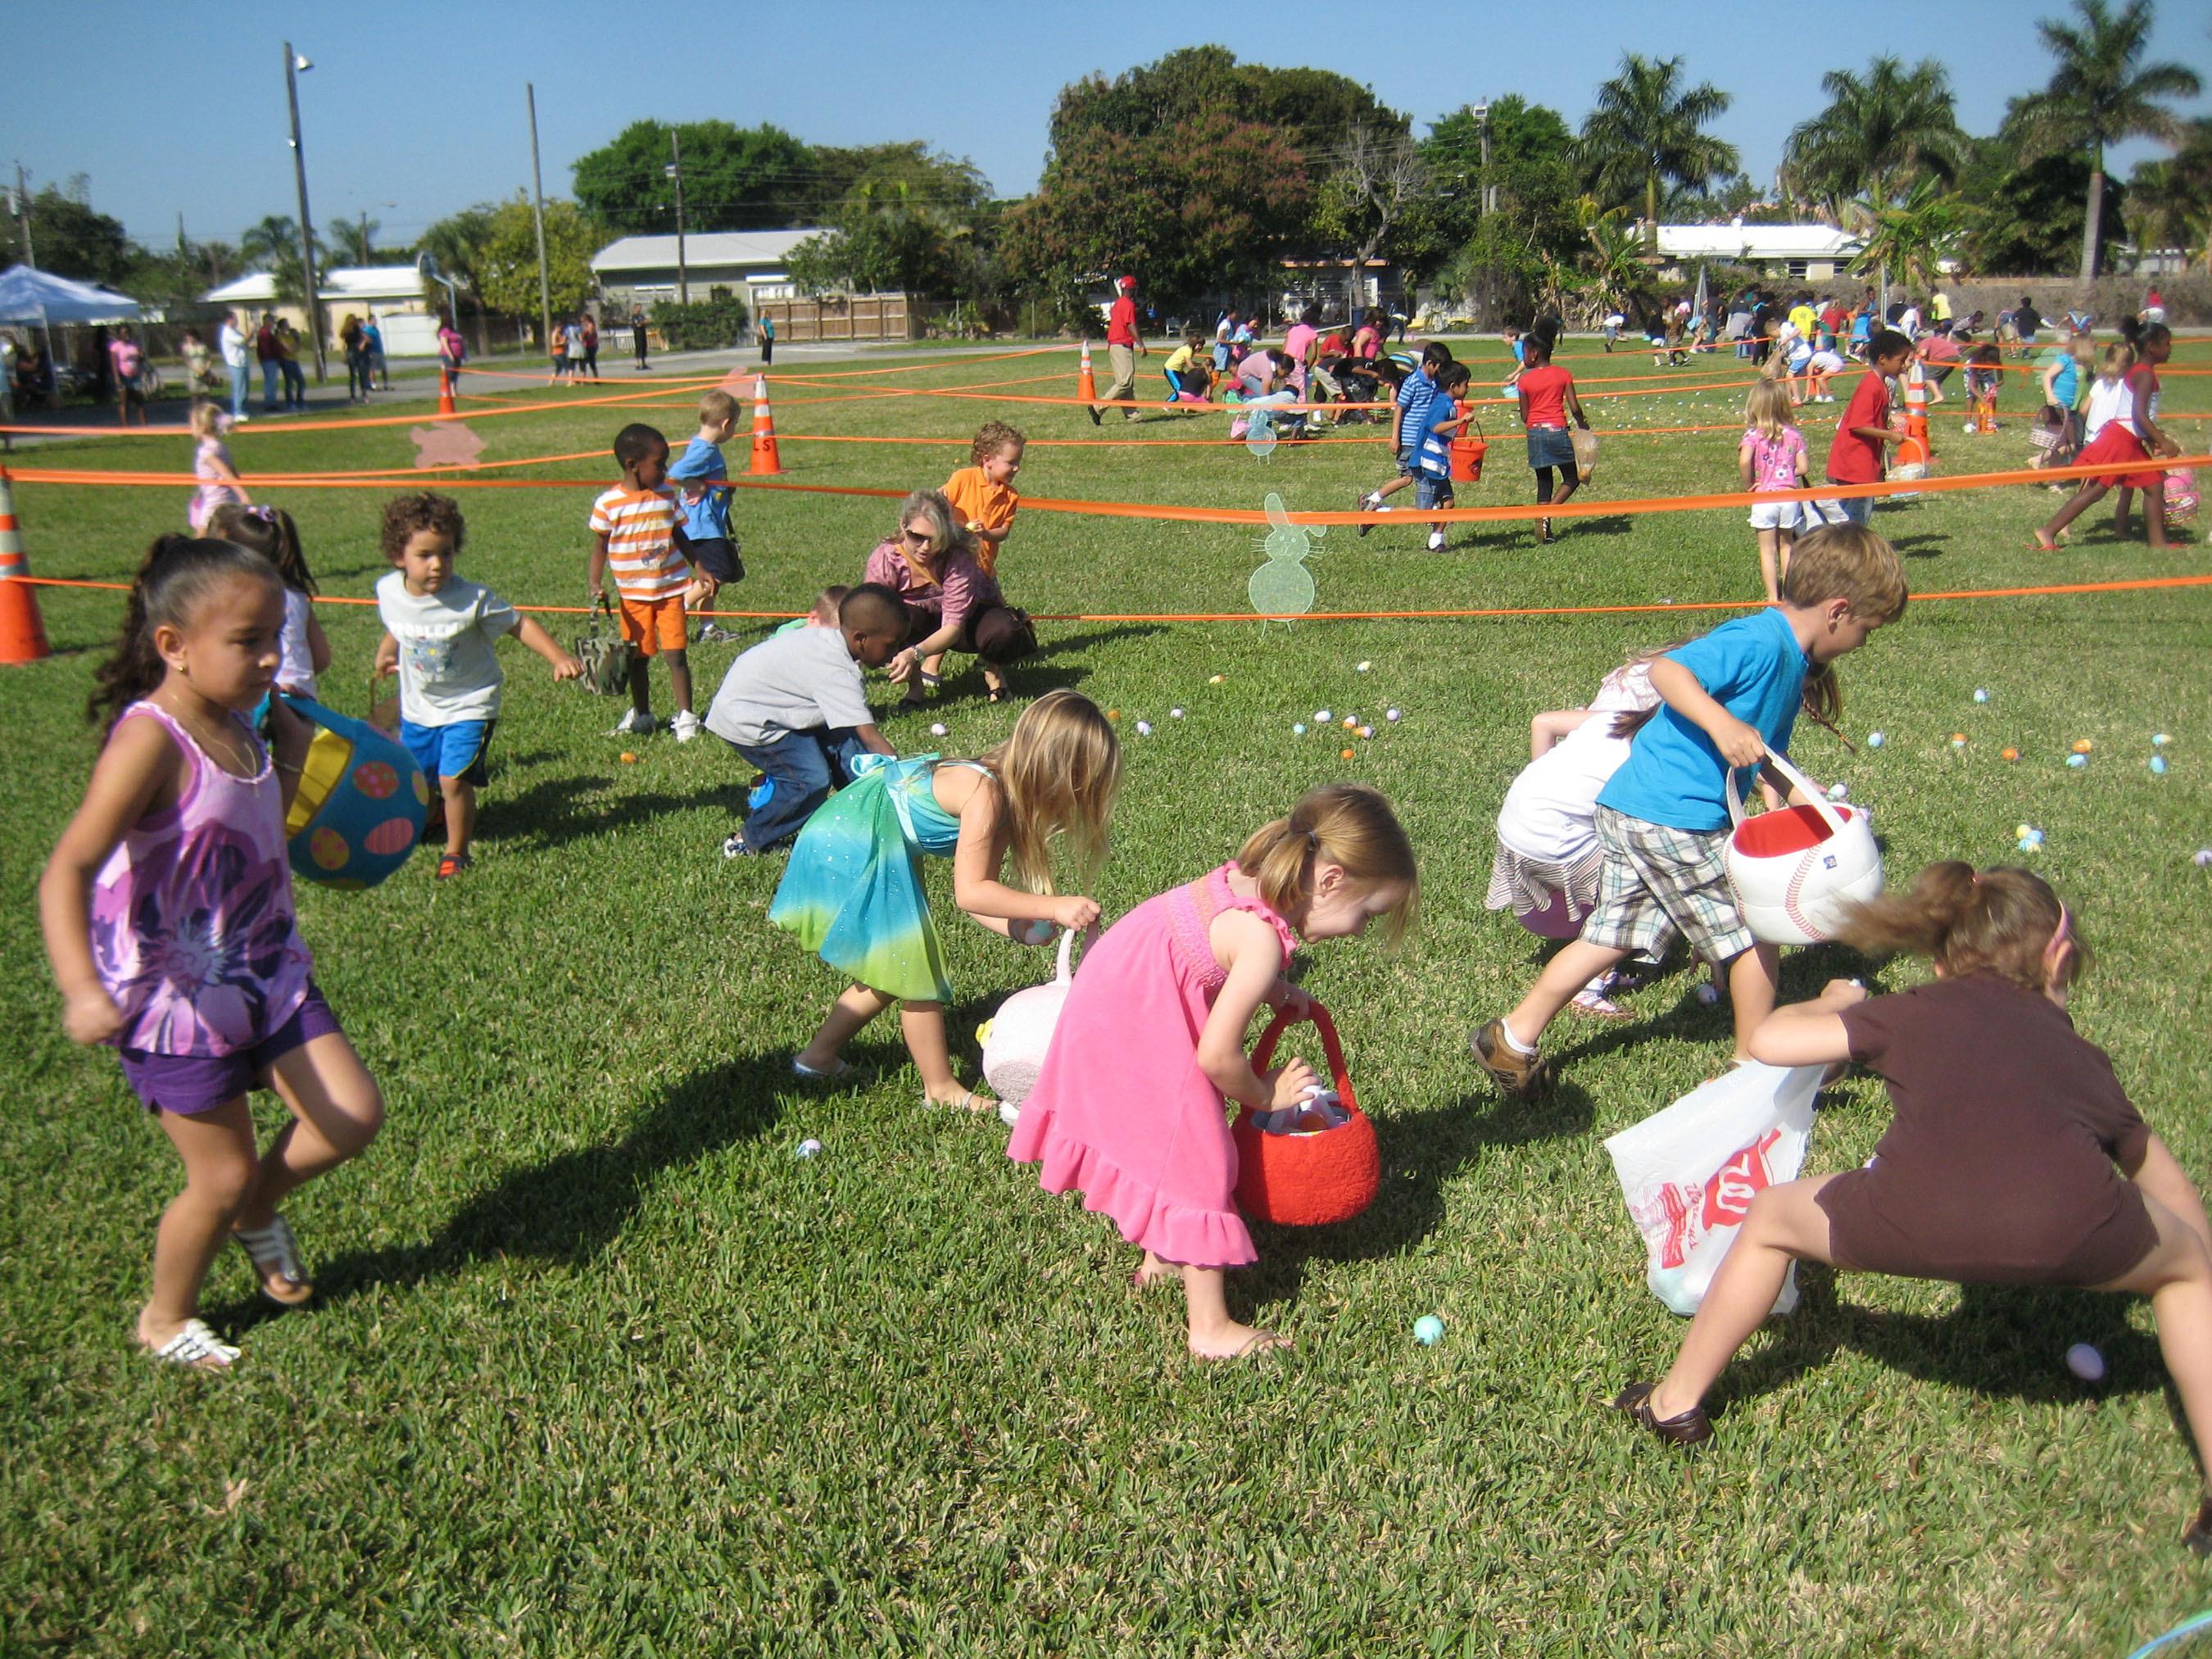 Newborns to children in the 5th grade are invited to participate in Wilton Manors' Spring Festival Eggstravaganza on April 5, 2014. (PRNewsFoto/City of Wilton Manors) (PRNewsFoto/CITY OF WILTON MANORS)